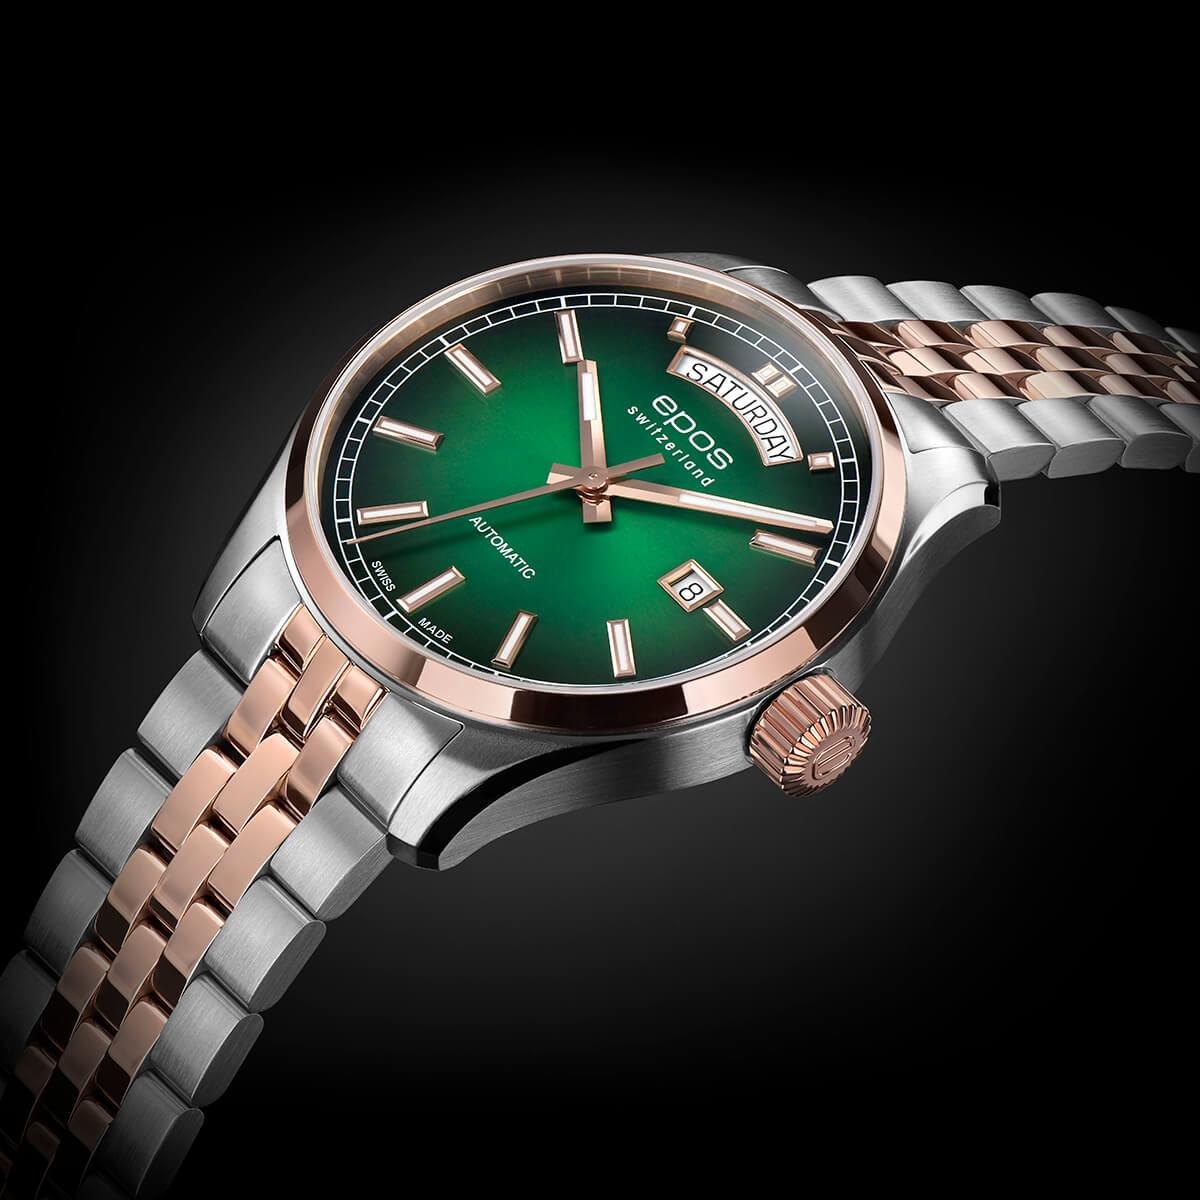 3501.142.34.93.44 zegarek męski Passion